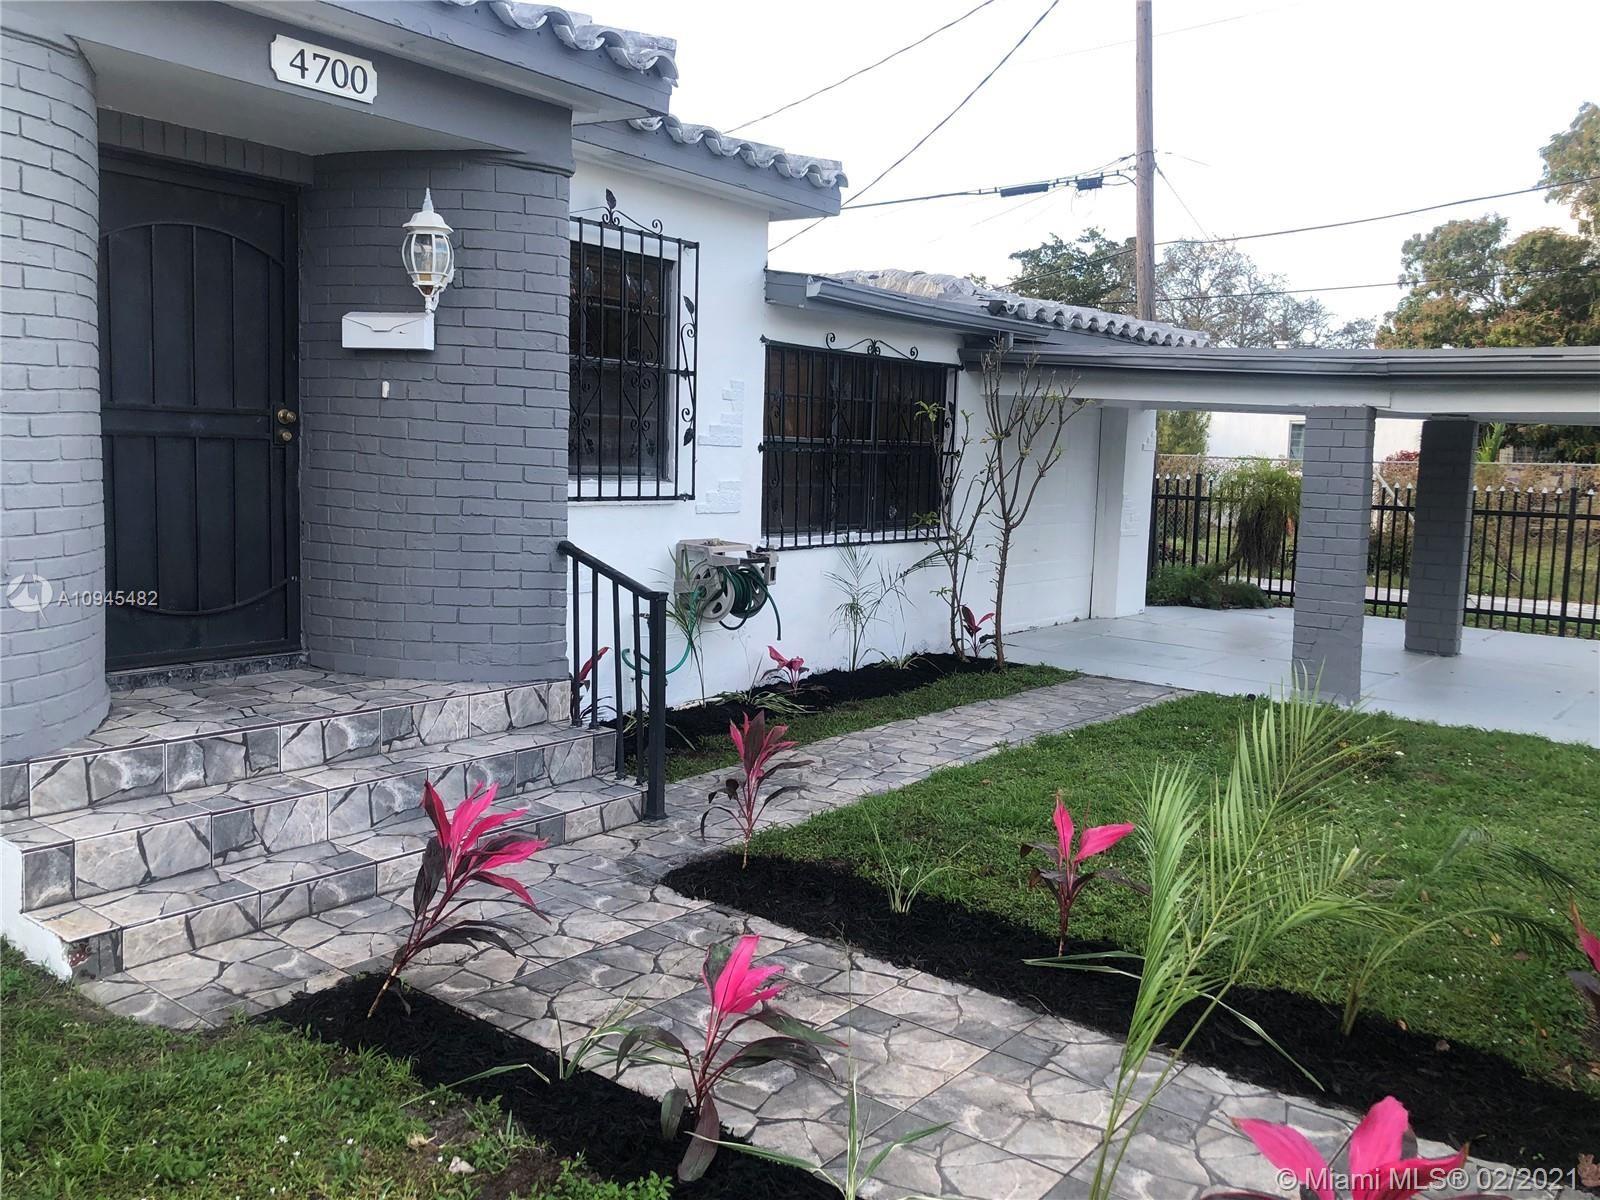 4700 NW 5th Ave, Miami, FL 33127 - #: A10945482